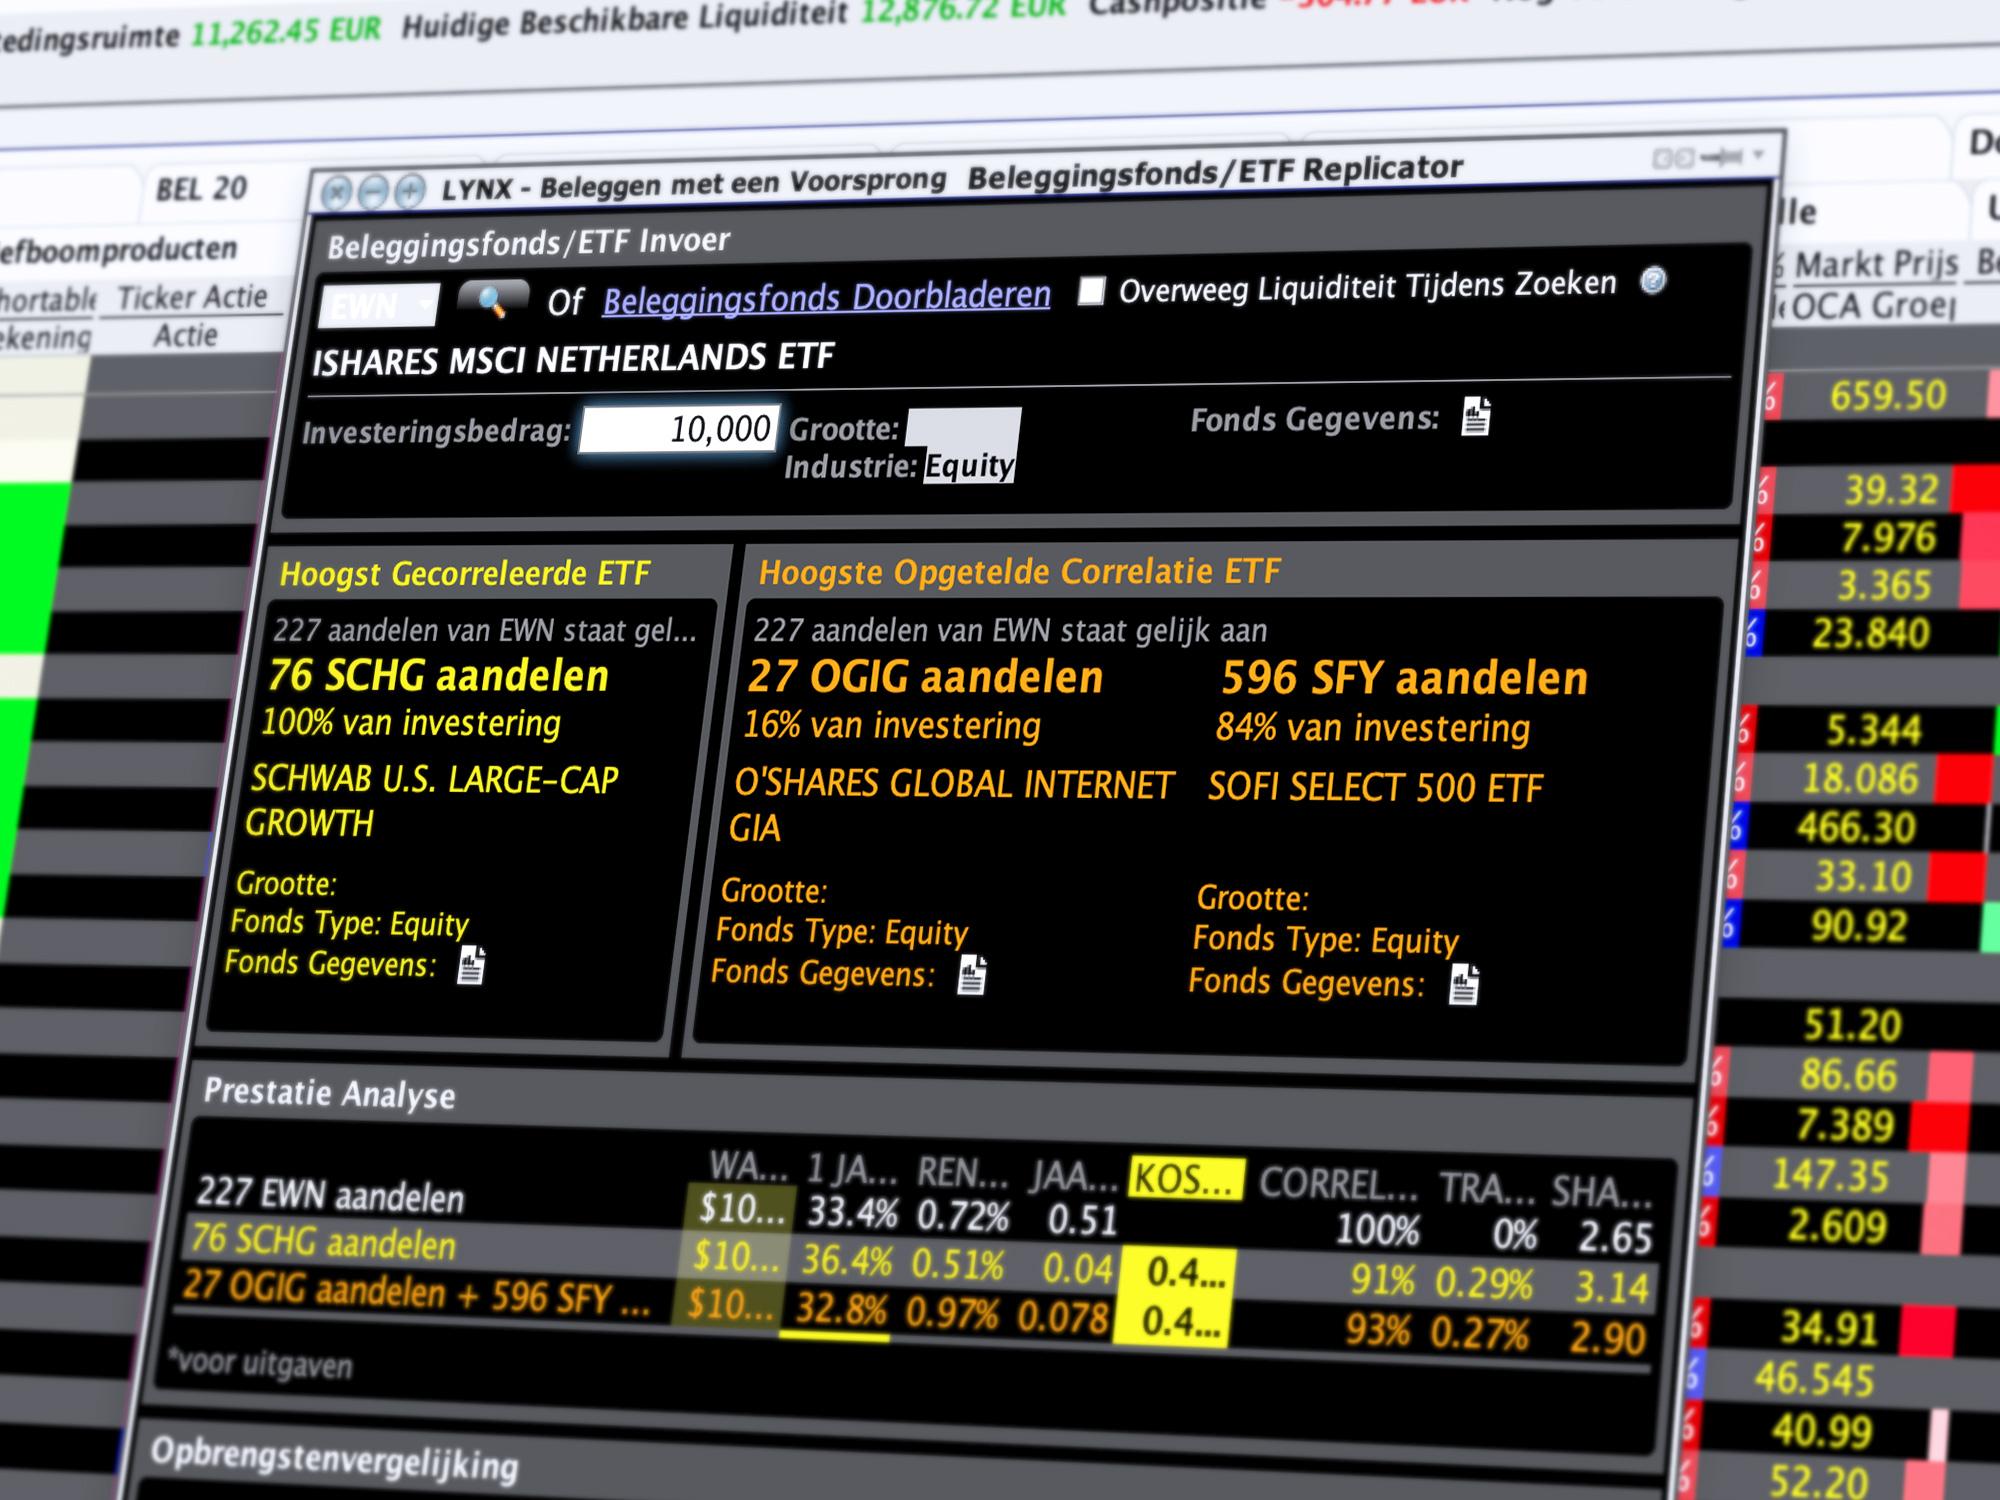 ETF beleggen - zoek ETF's met vergelijkbare kenmerken